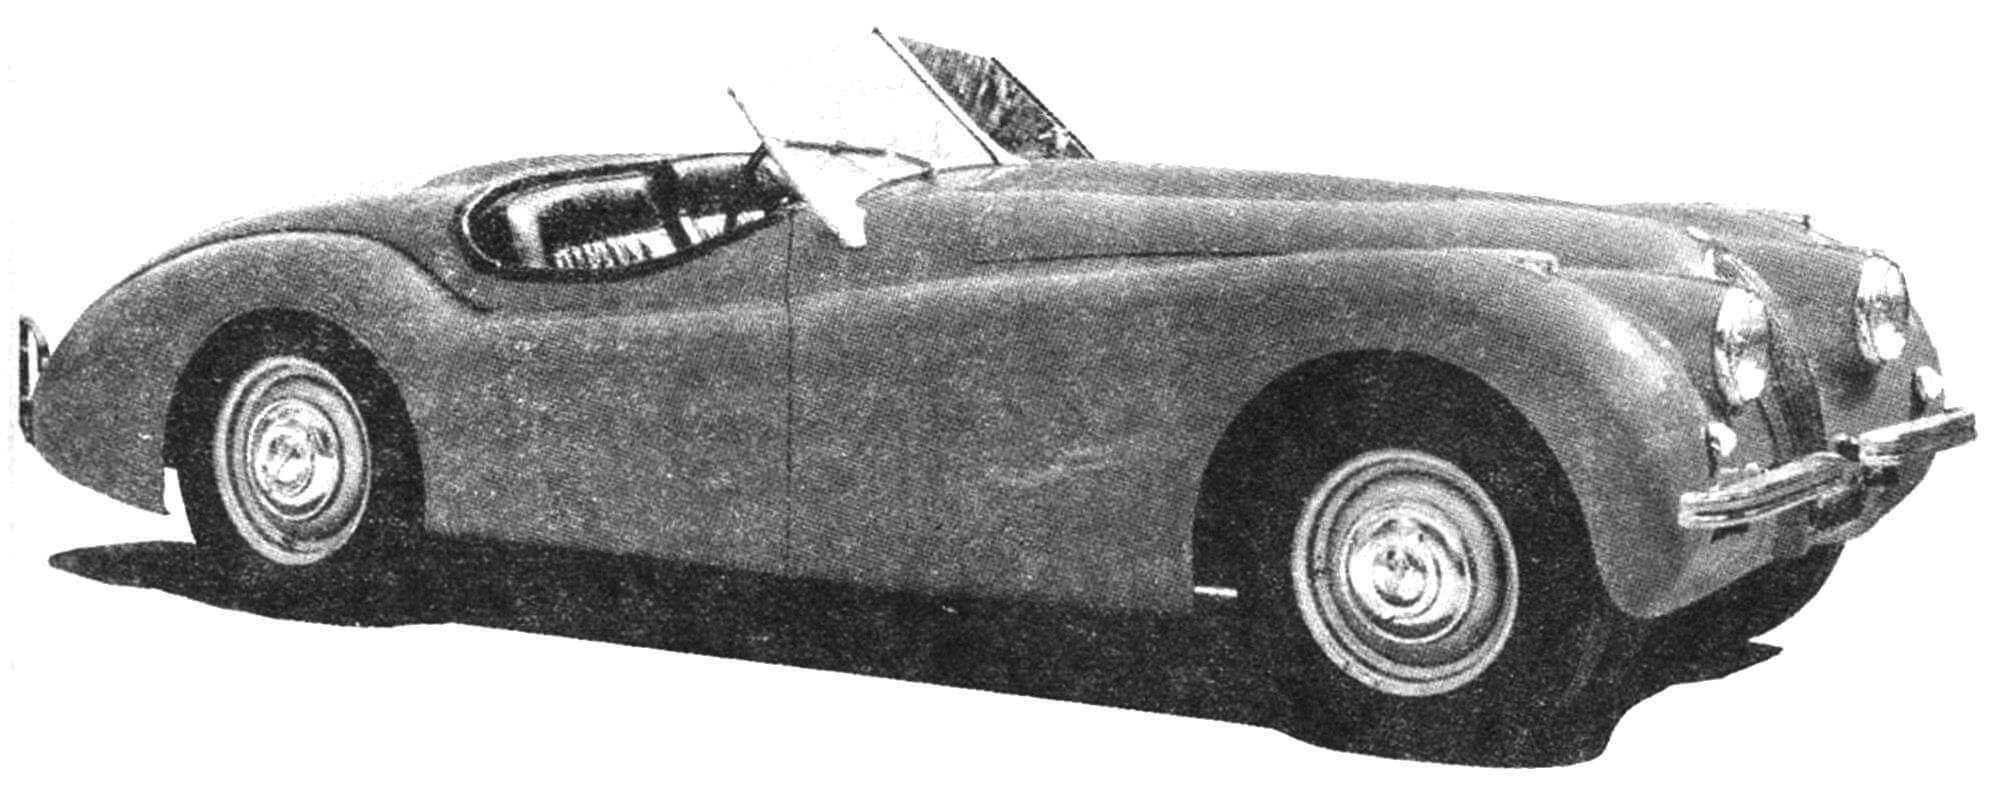 Автомобиль Jaguar ХК 120 1949 года